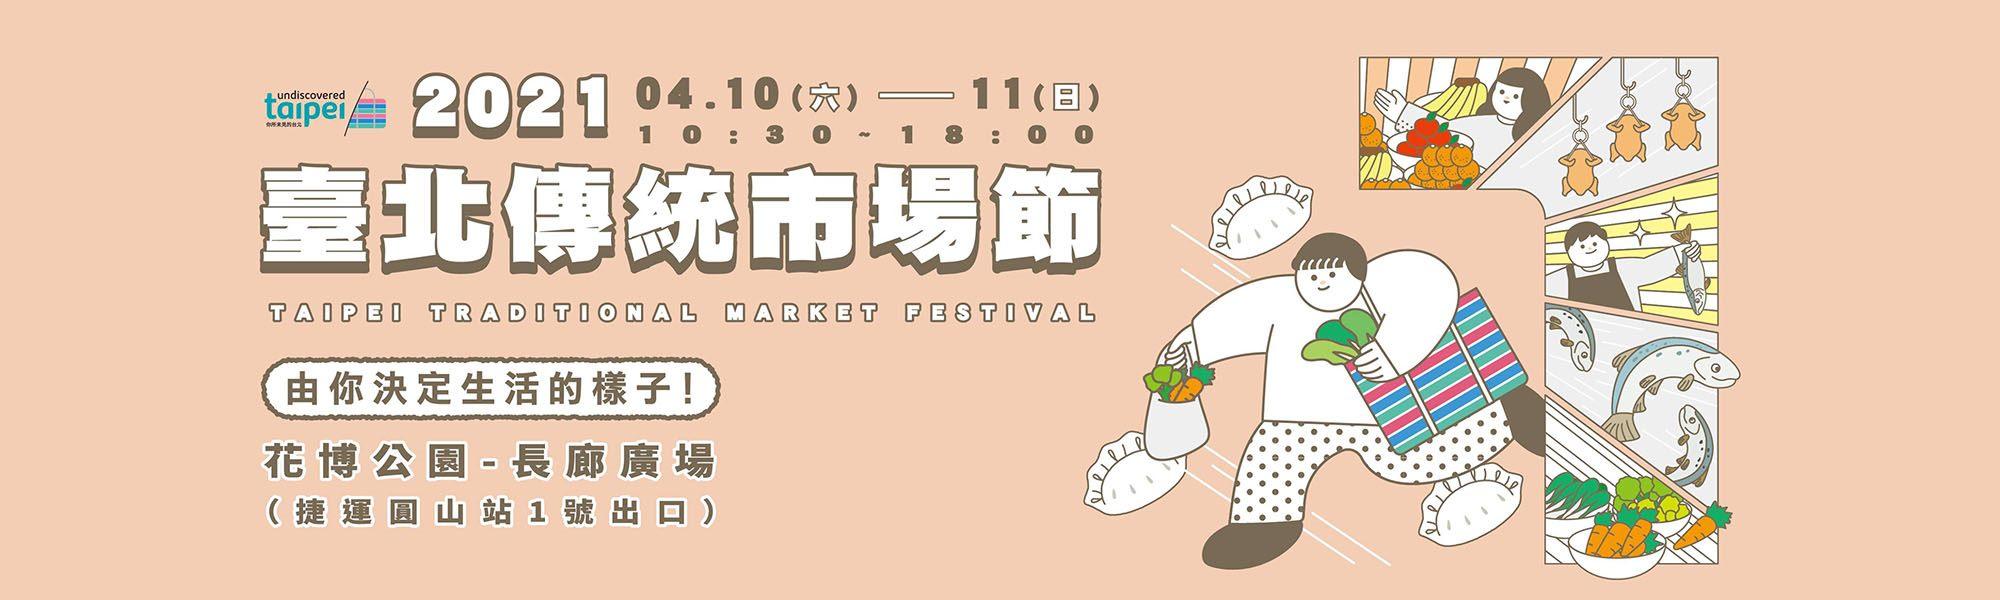 臺北傳統市場節周末盛大登場